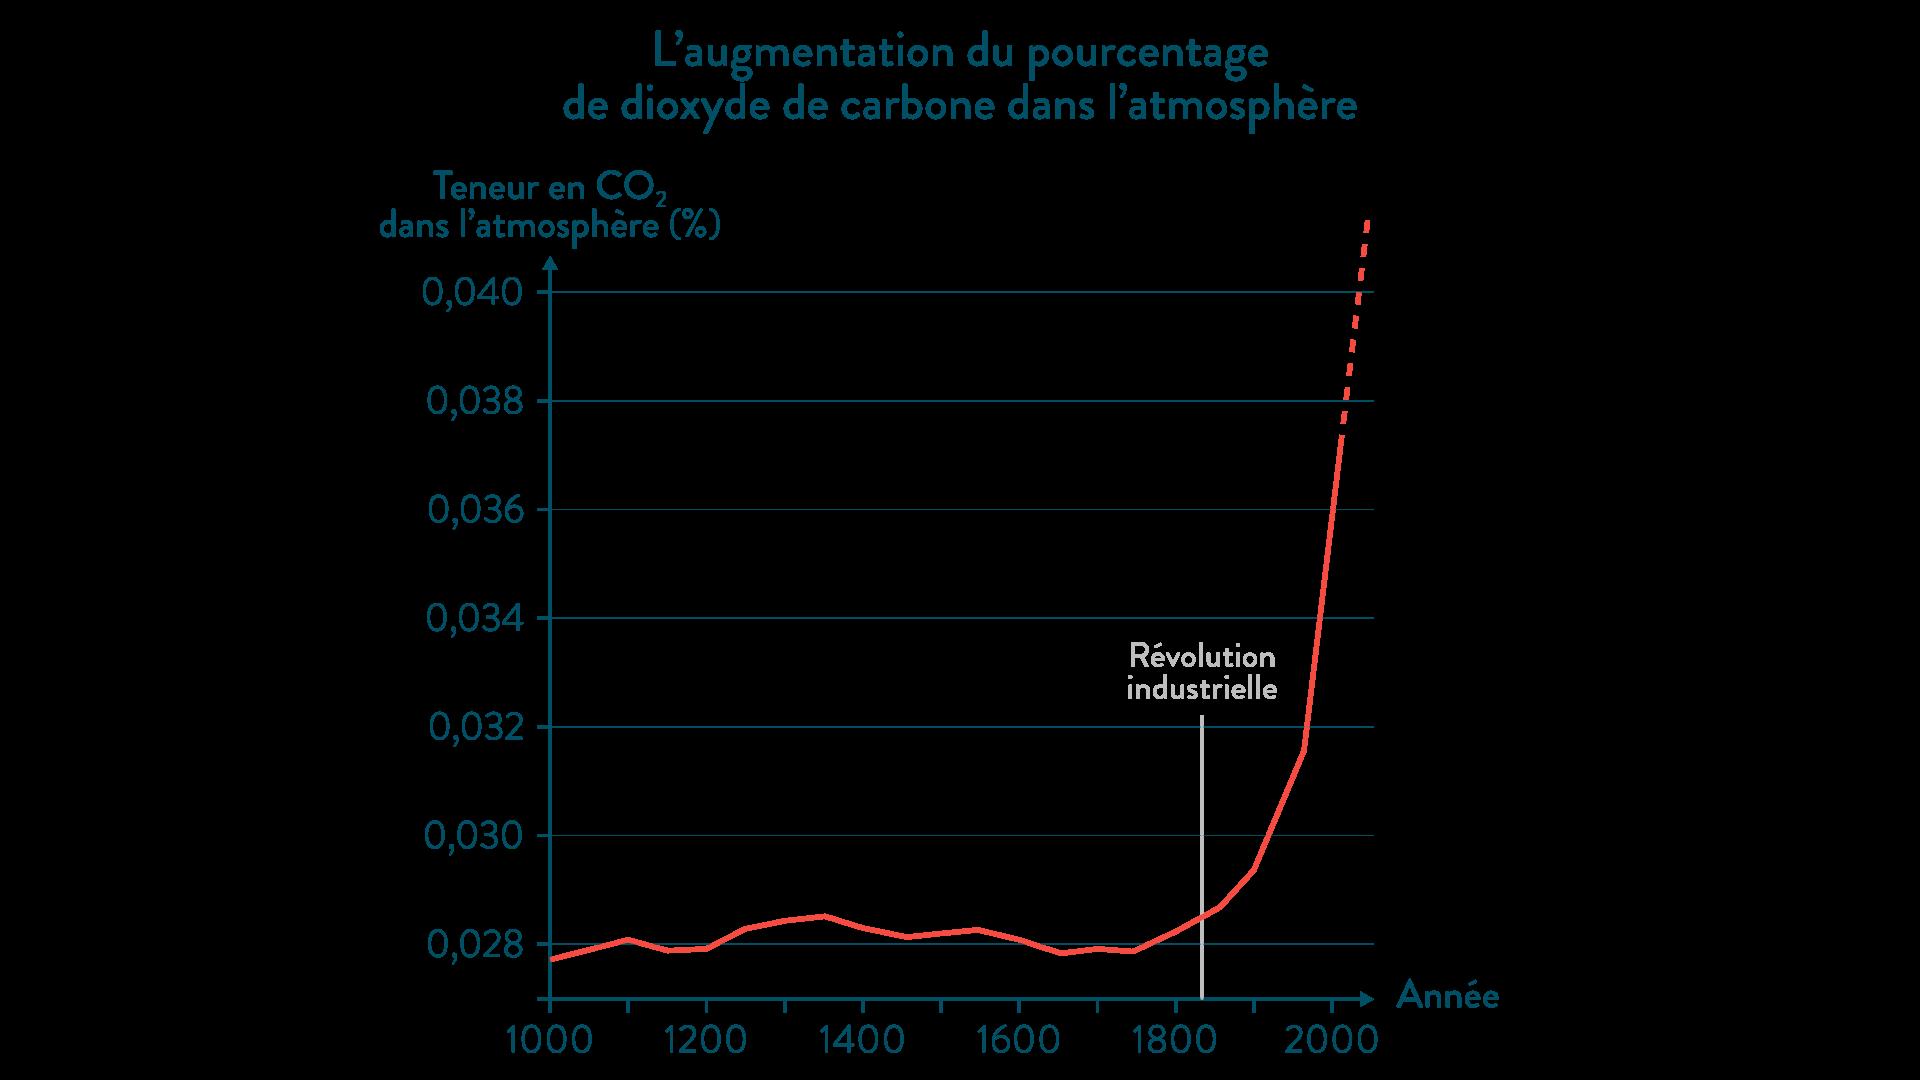 L'augmentation du pourcentage de dioxyde de carbone dans l'atmosphère